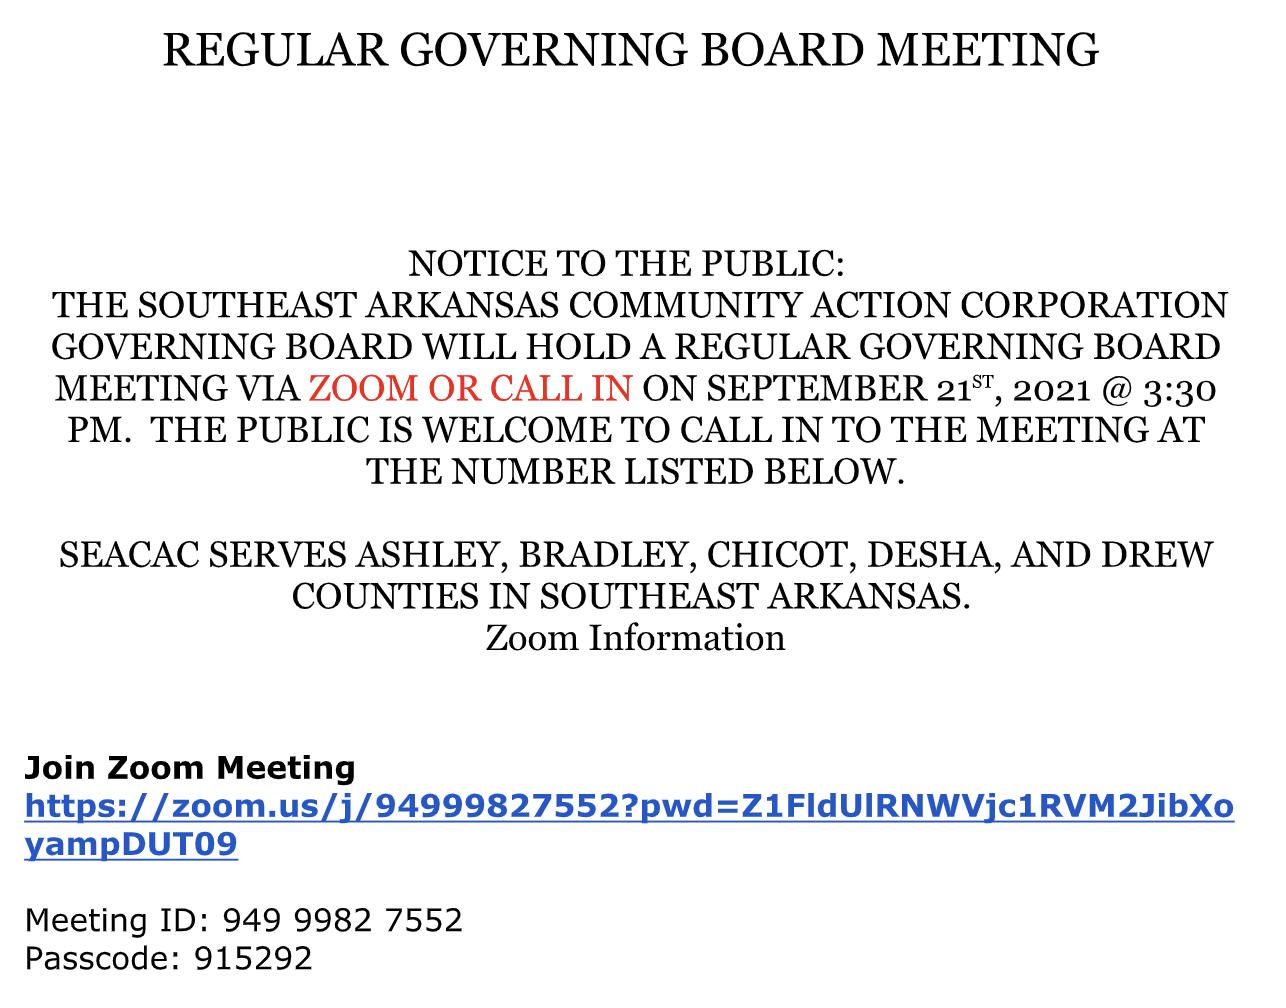 Regular Governing Board Meeting